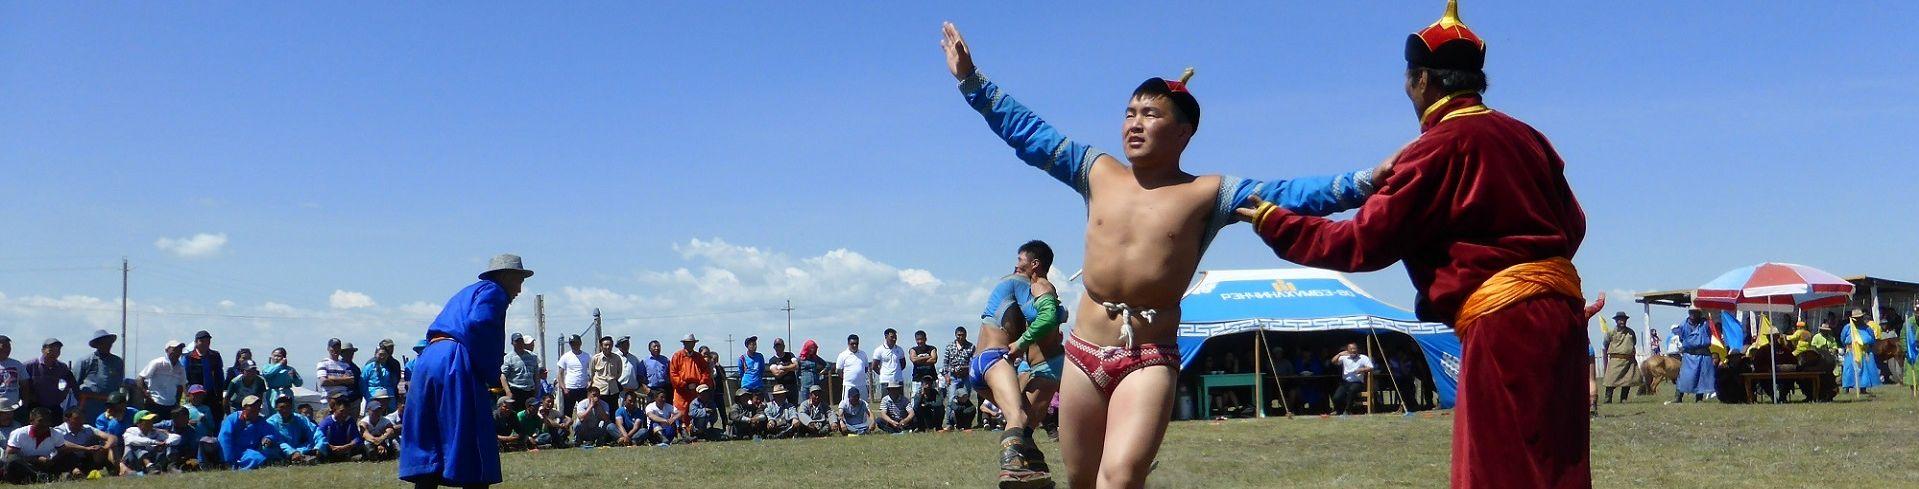 פסטיבל נאדם במונגוליה